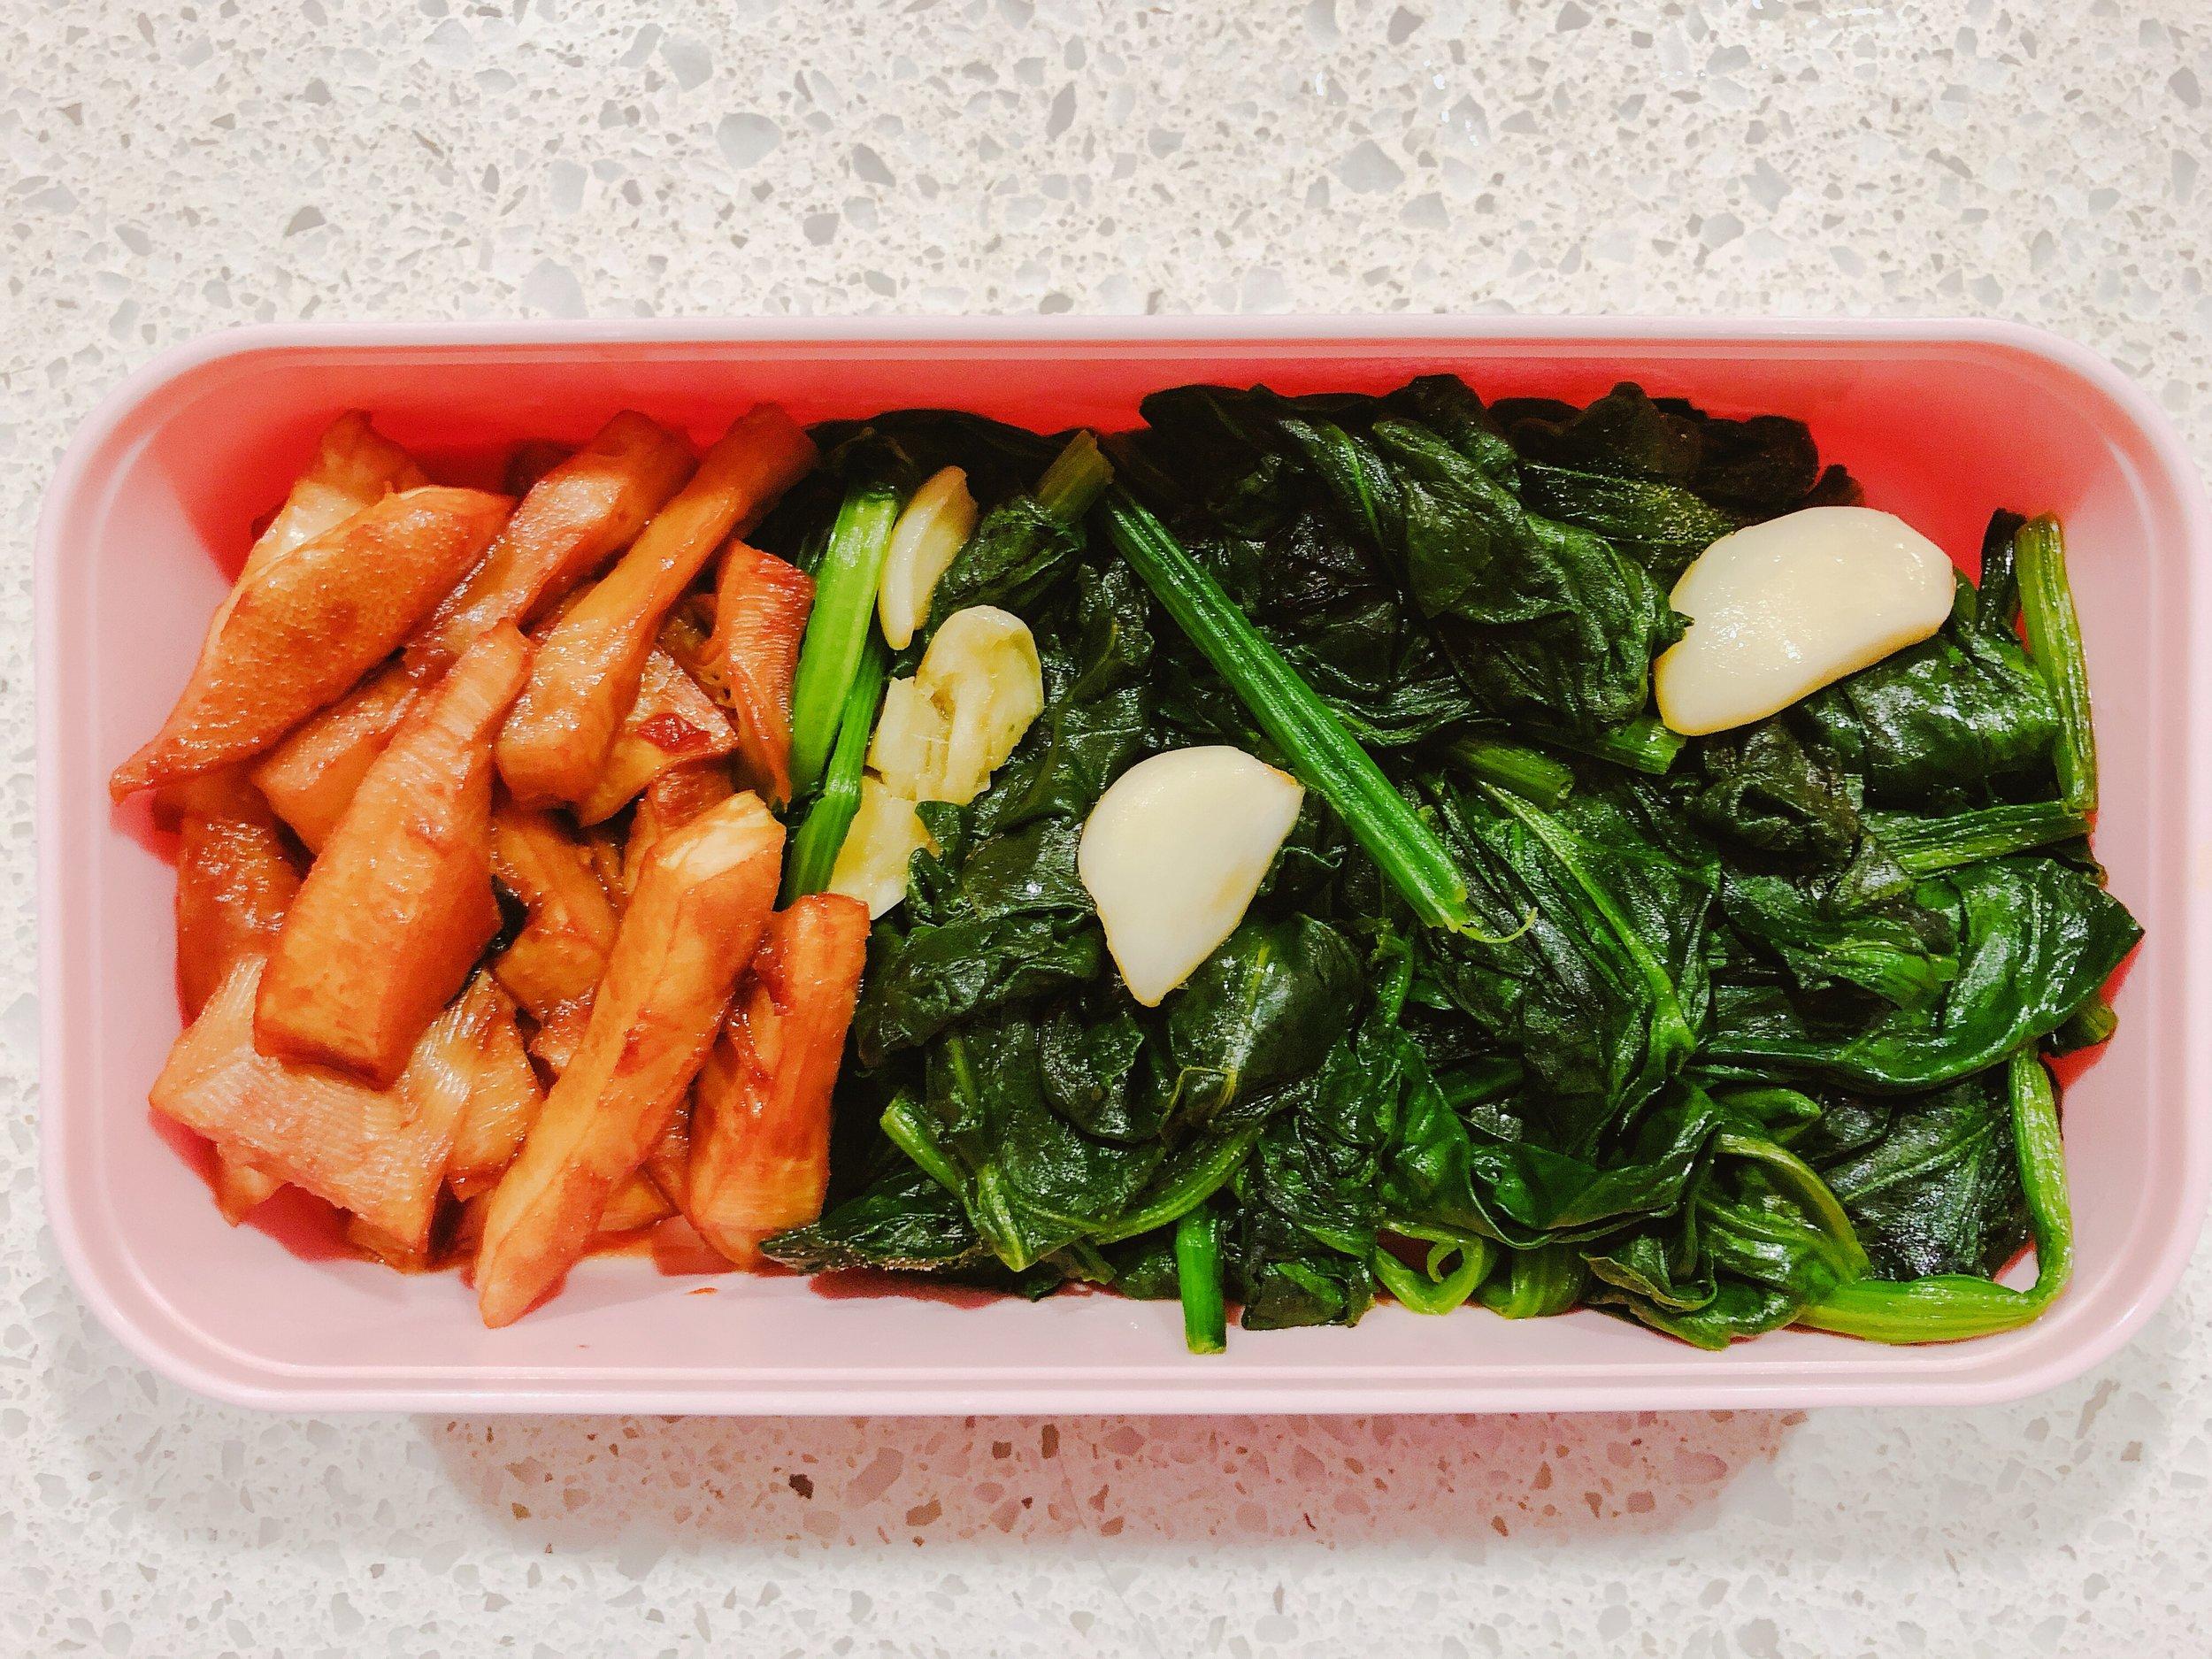 帶便當,左邊油燜筍,右邊炒菠菜